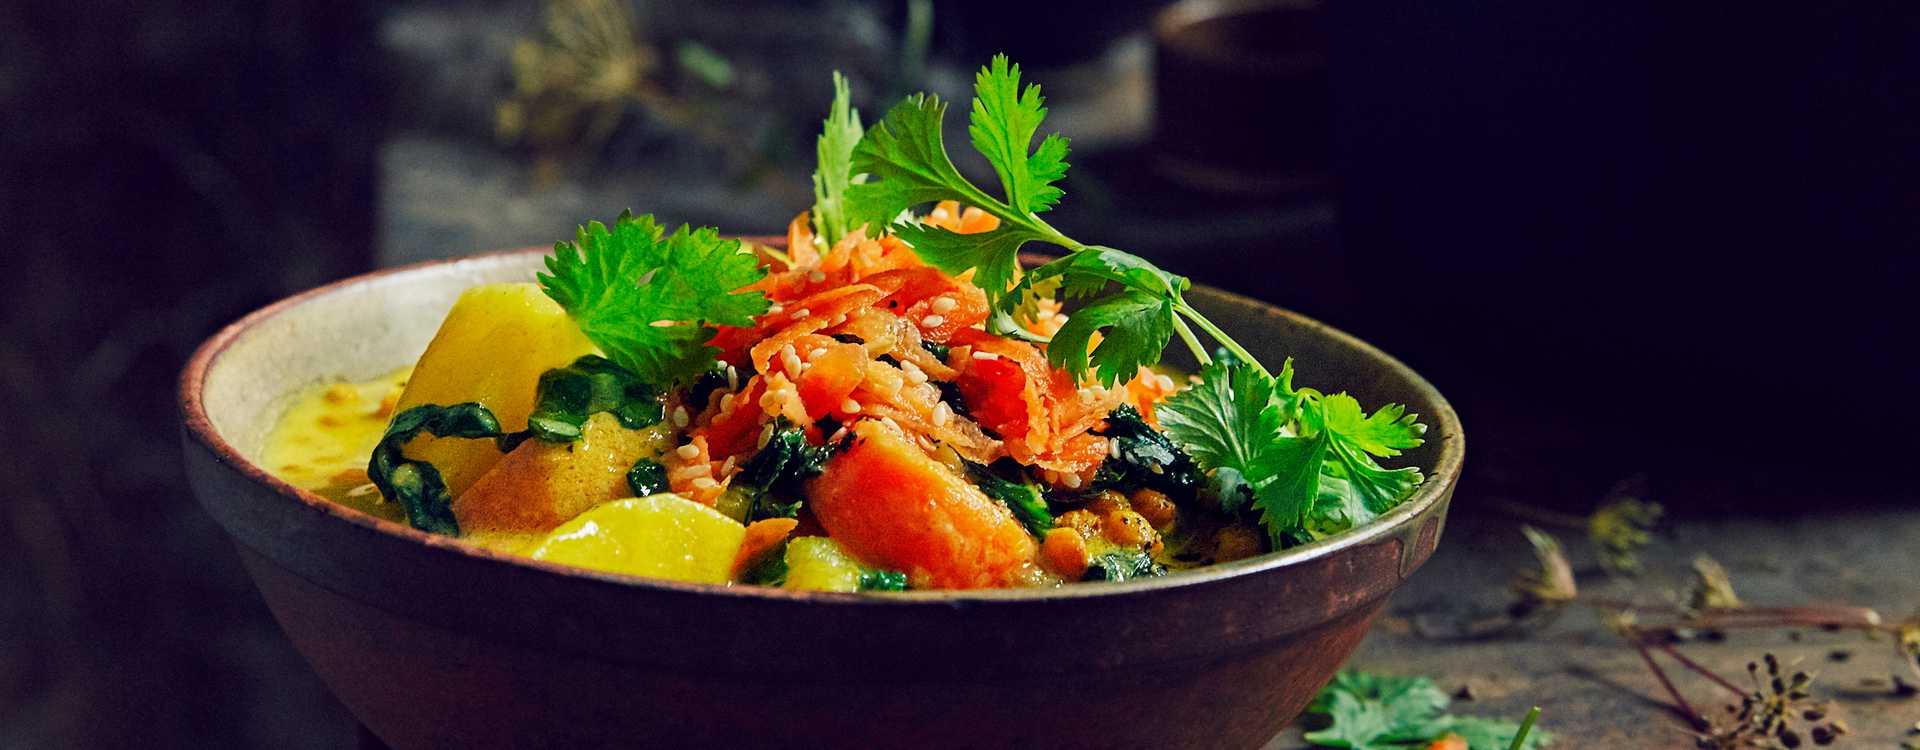 Grønnsakssuppe med søtpoteter, karri og kokosmelk